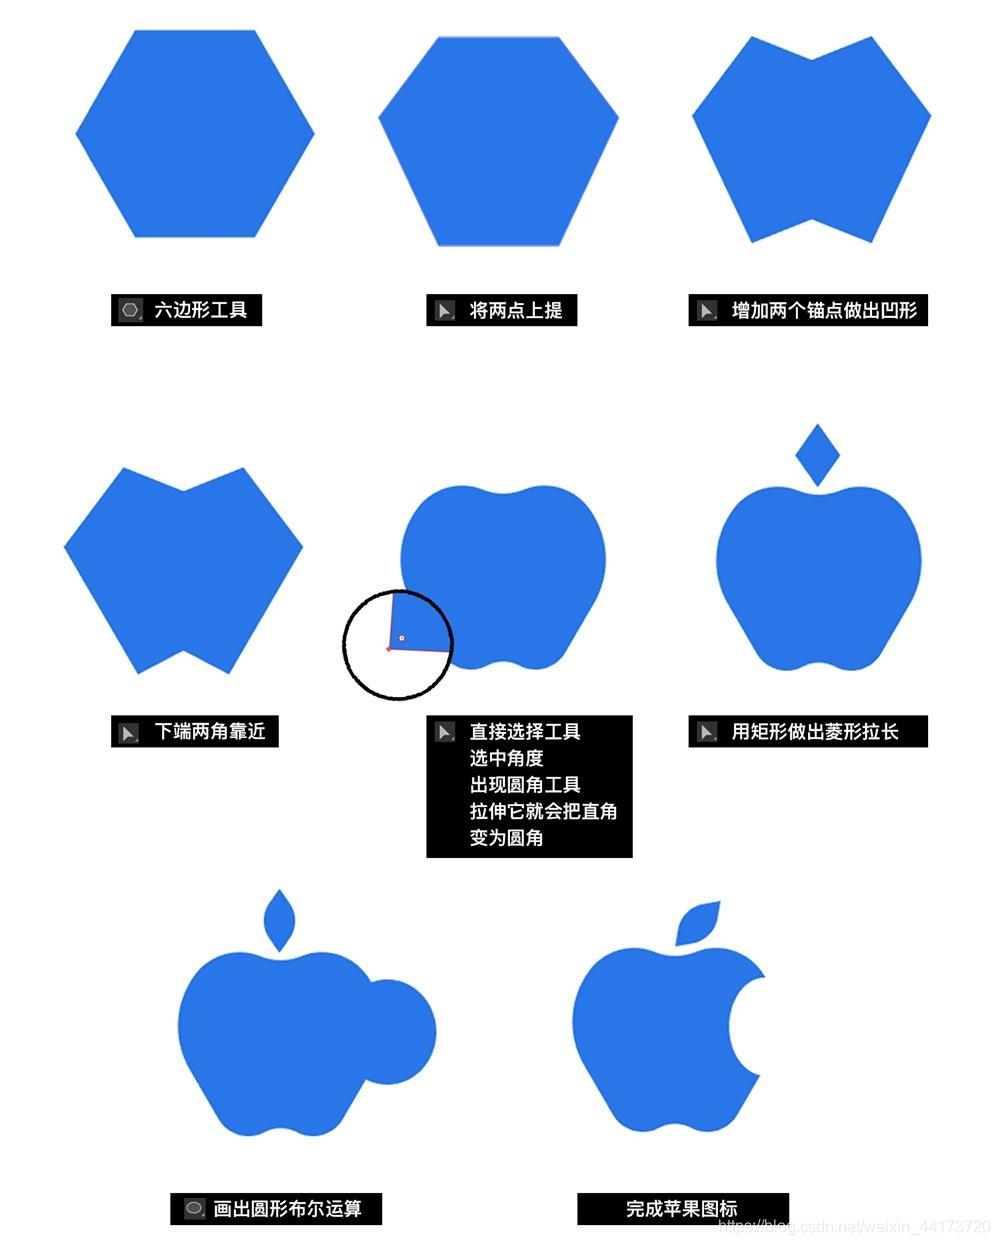 苹果图标设计过程